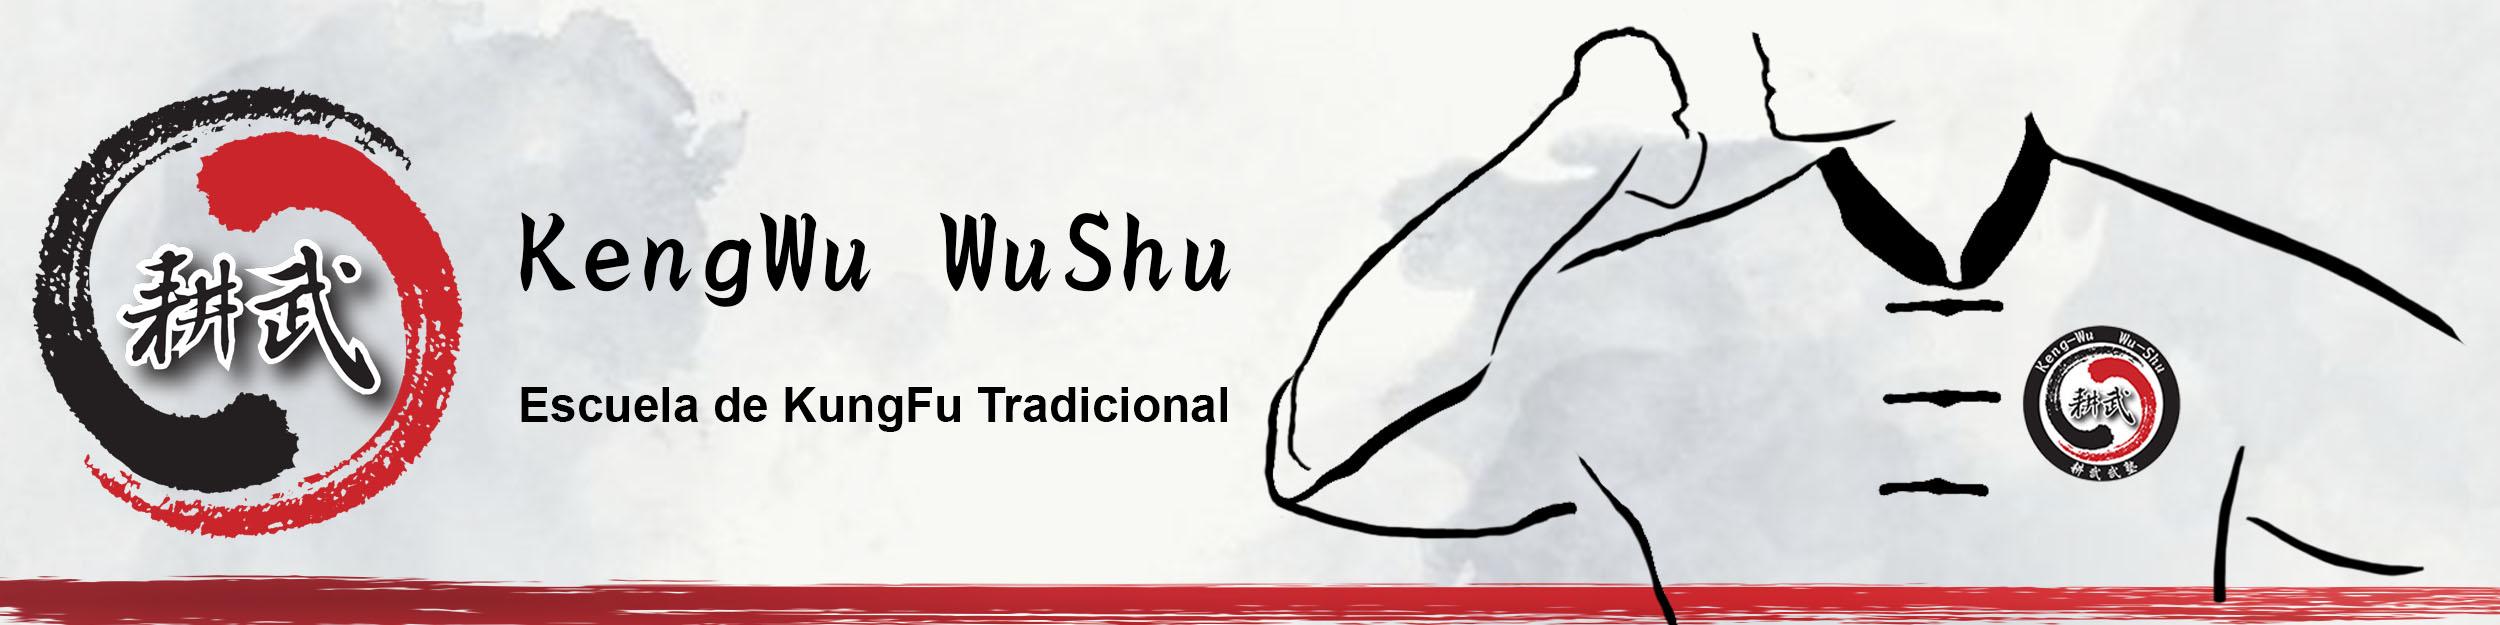 KengWu WuShu